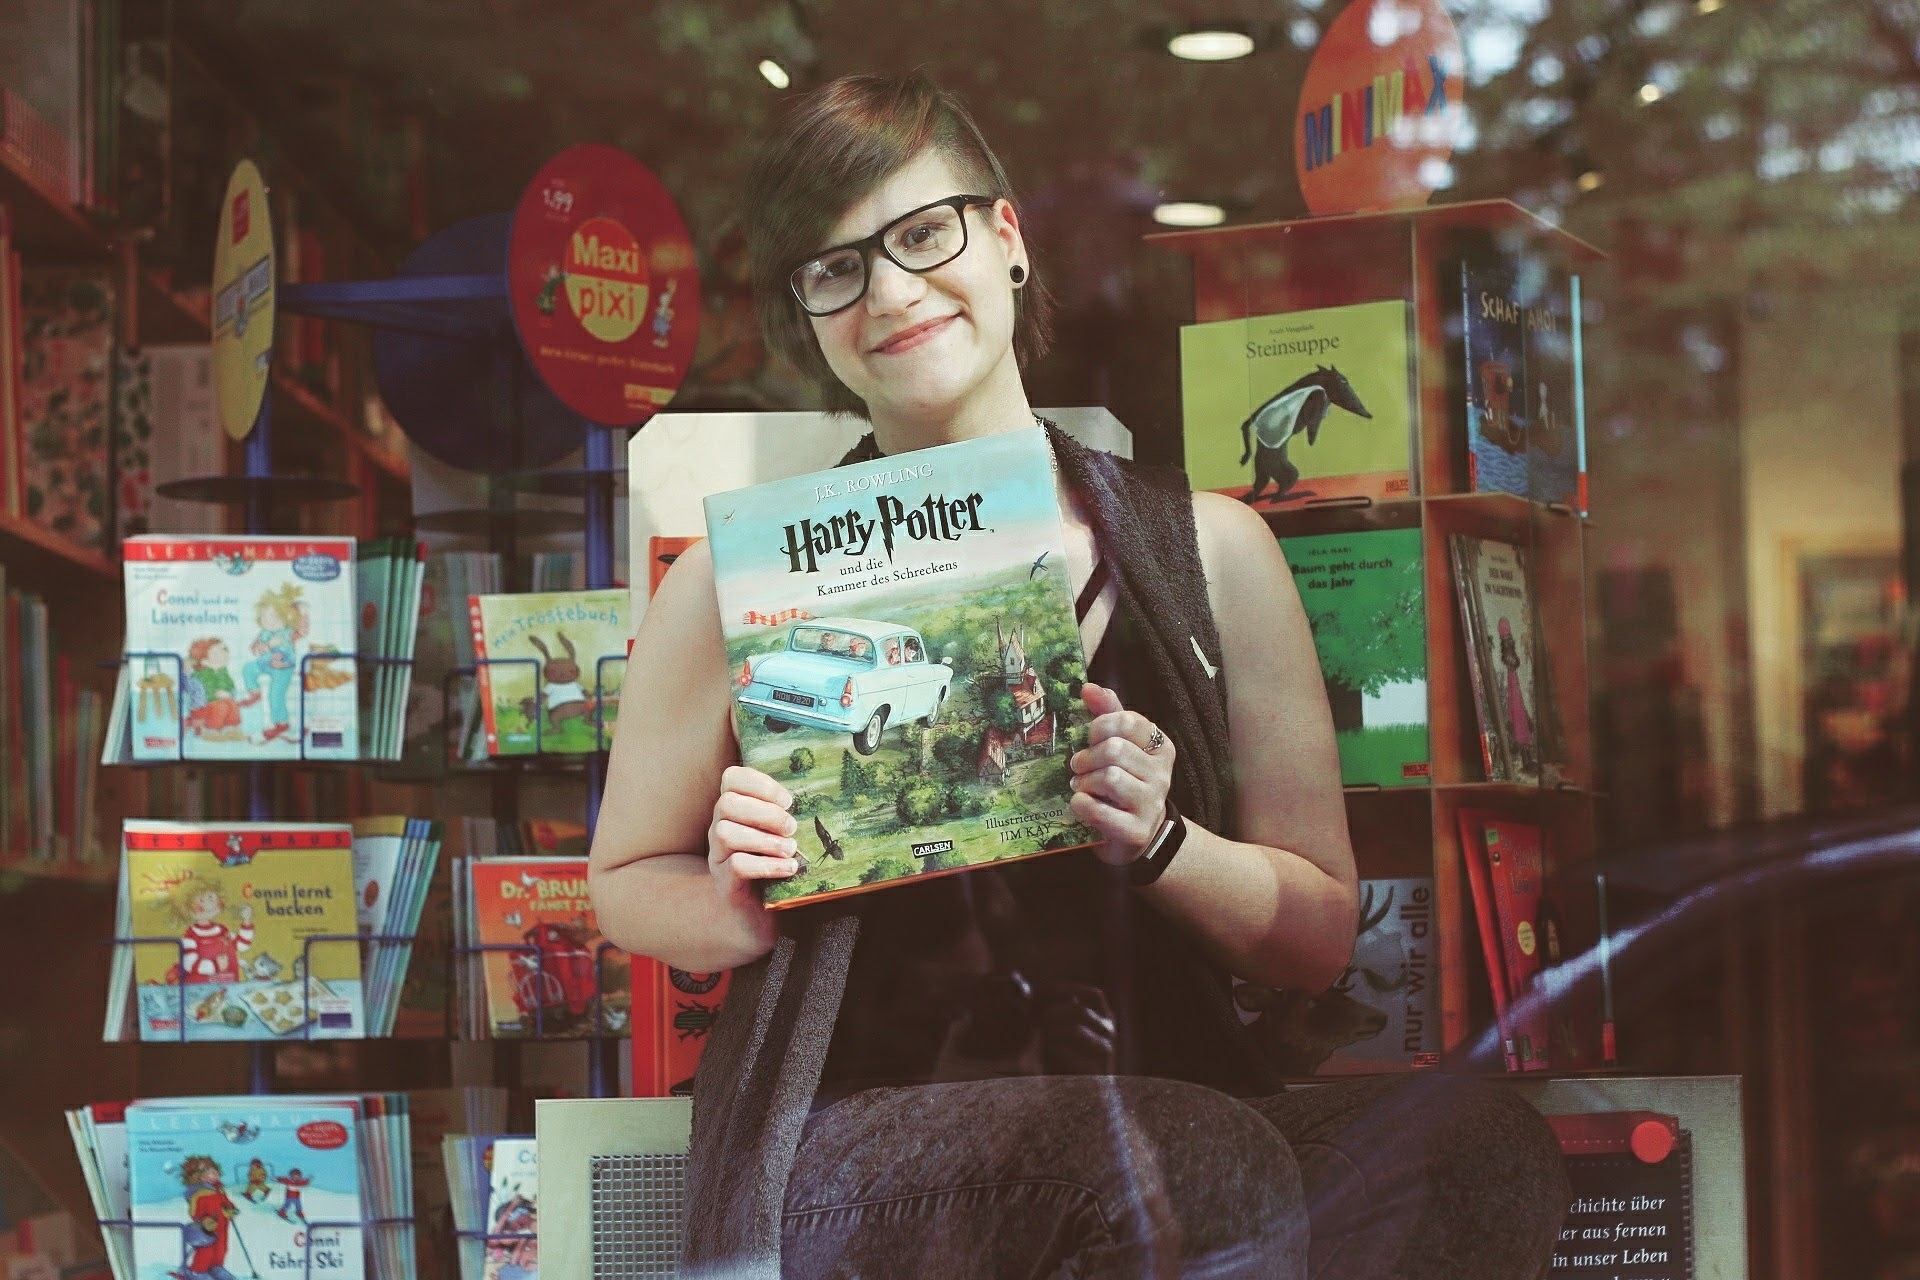 Buchhandlung Aktion Blogger im Schaufenster Schatzinsel Münster Frau Mädchen Harry Potter Blogger-Event